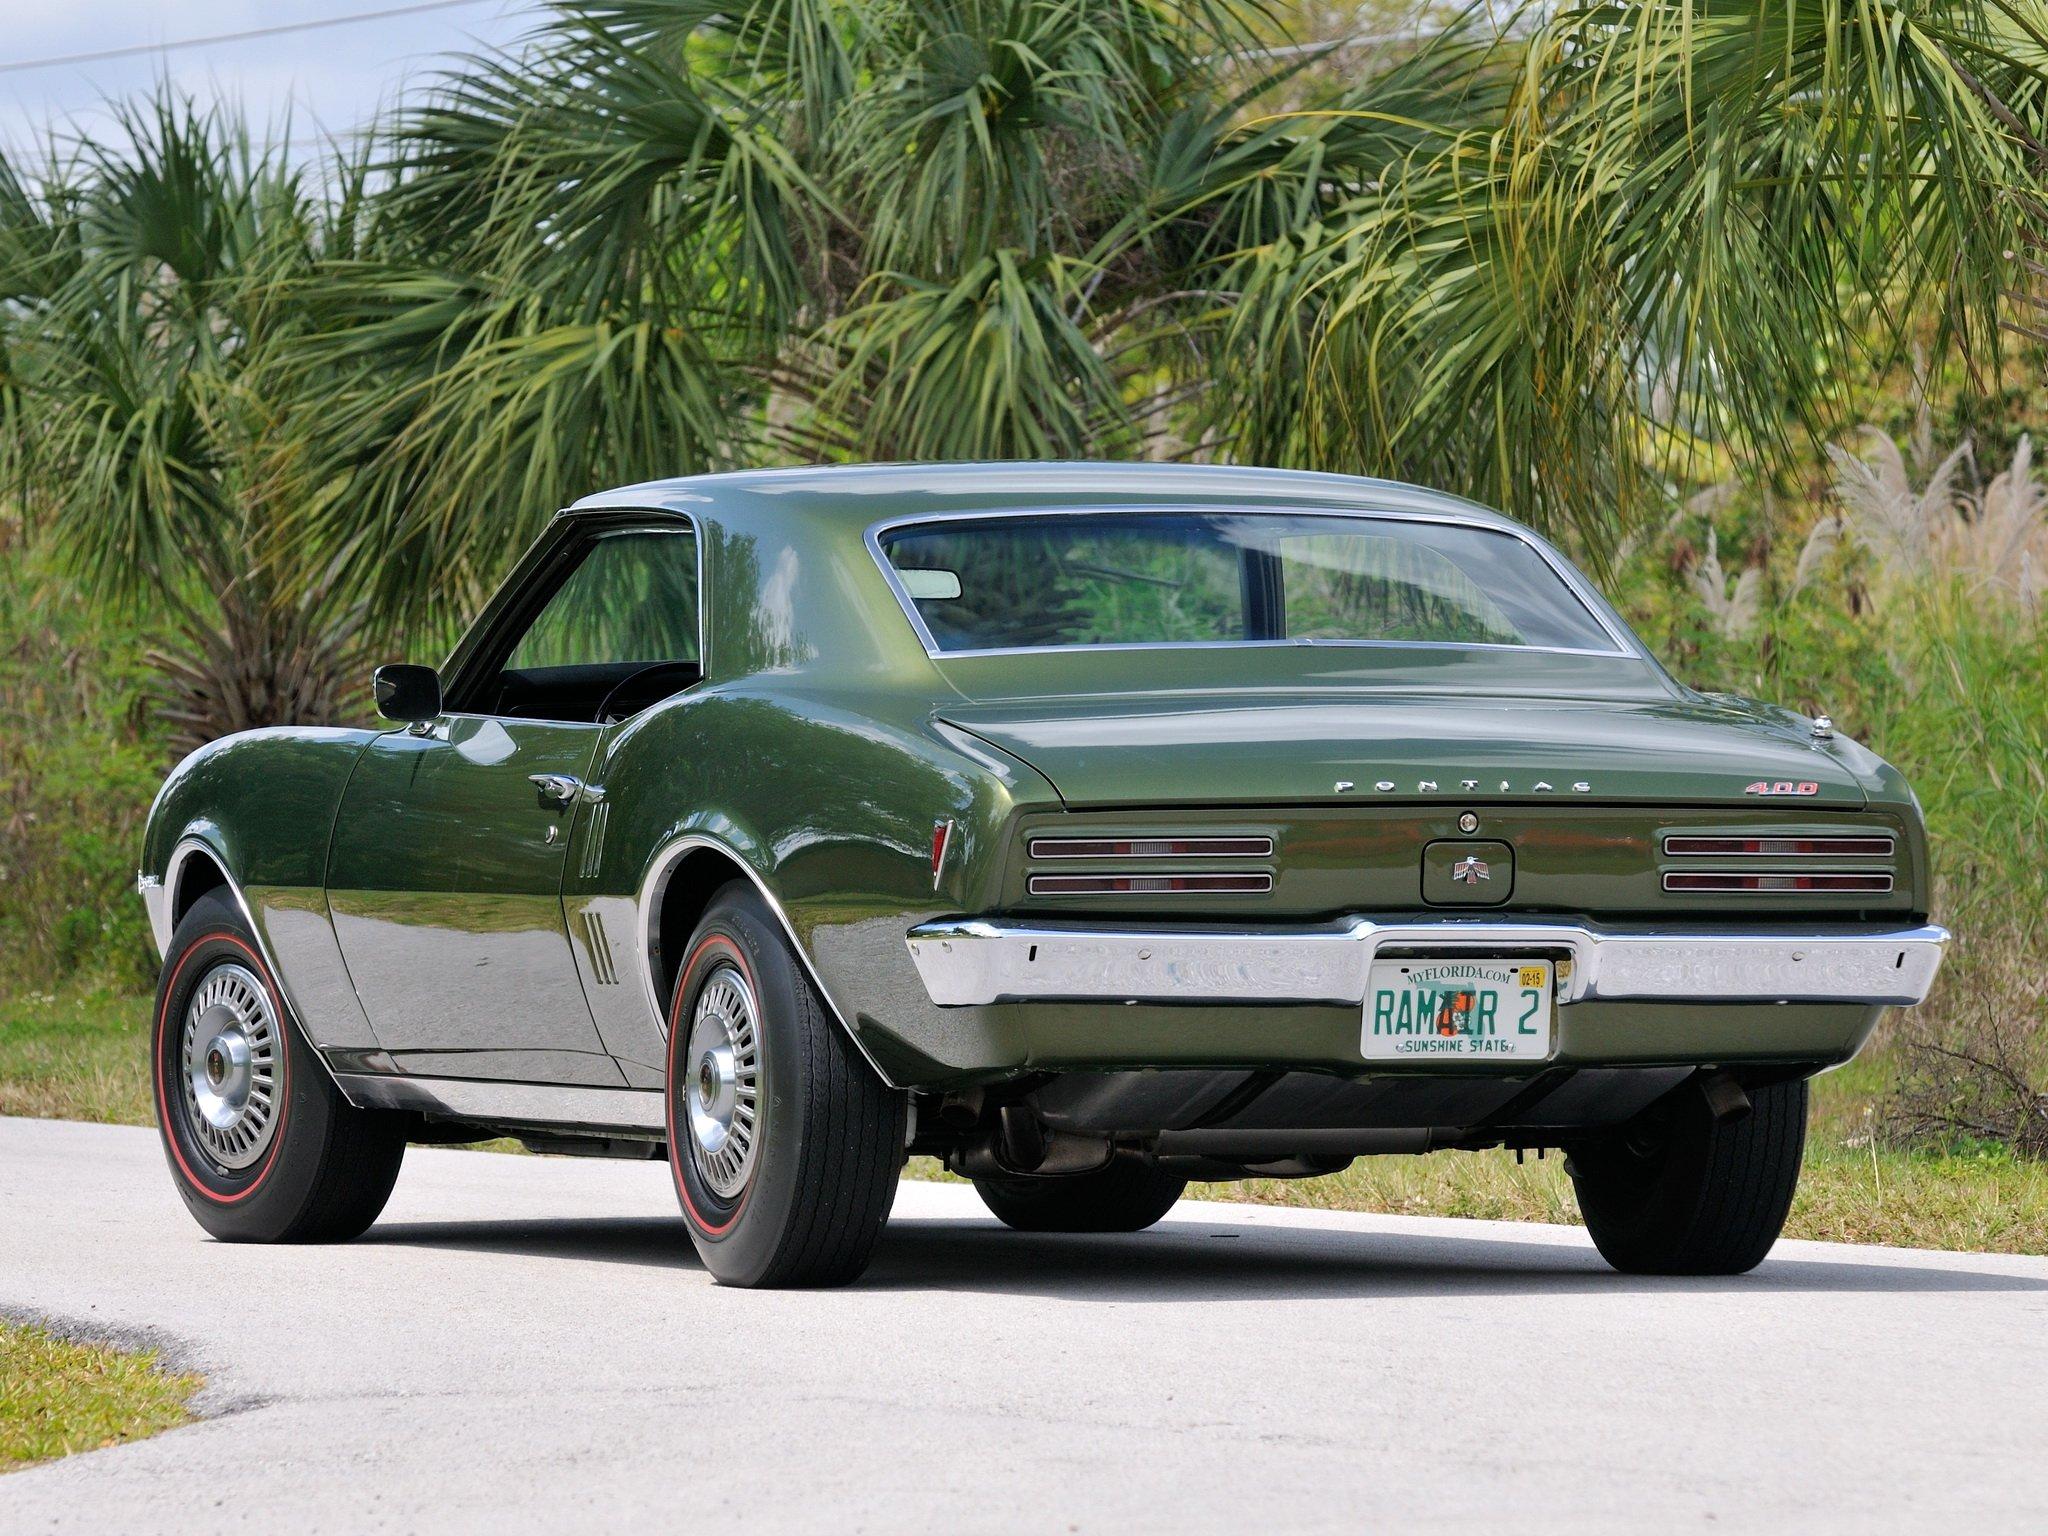 1968 Pontiac Firebird 400 L67 Ram Air I I 2337 muscle classic fs 2048x1536